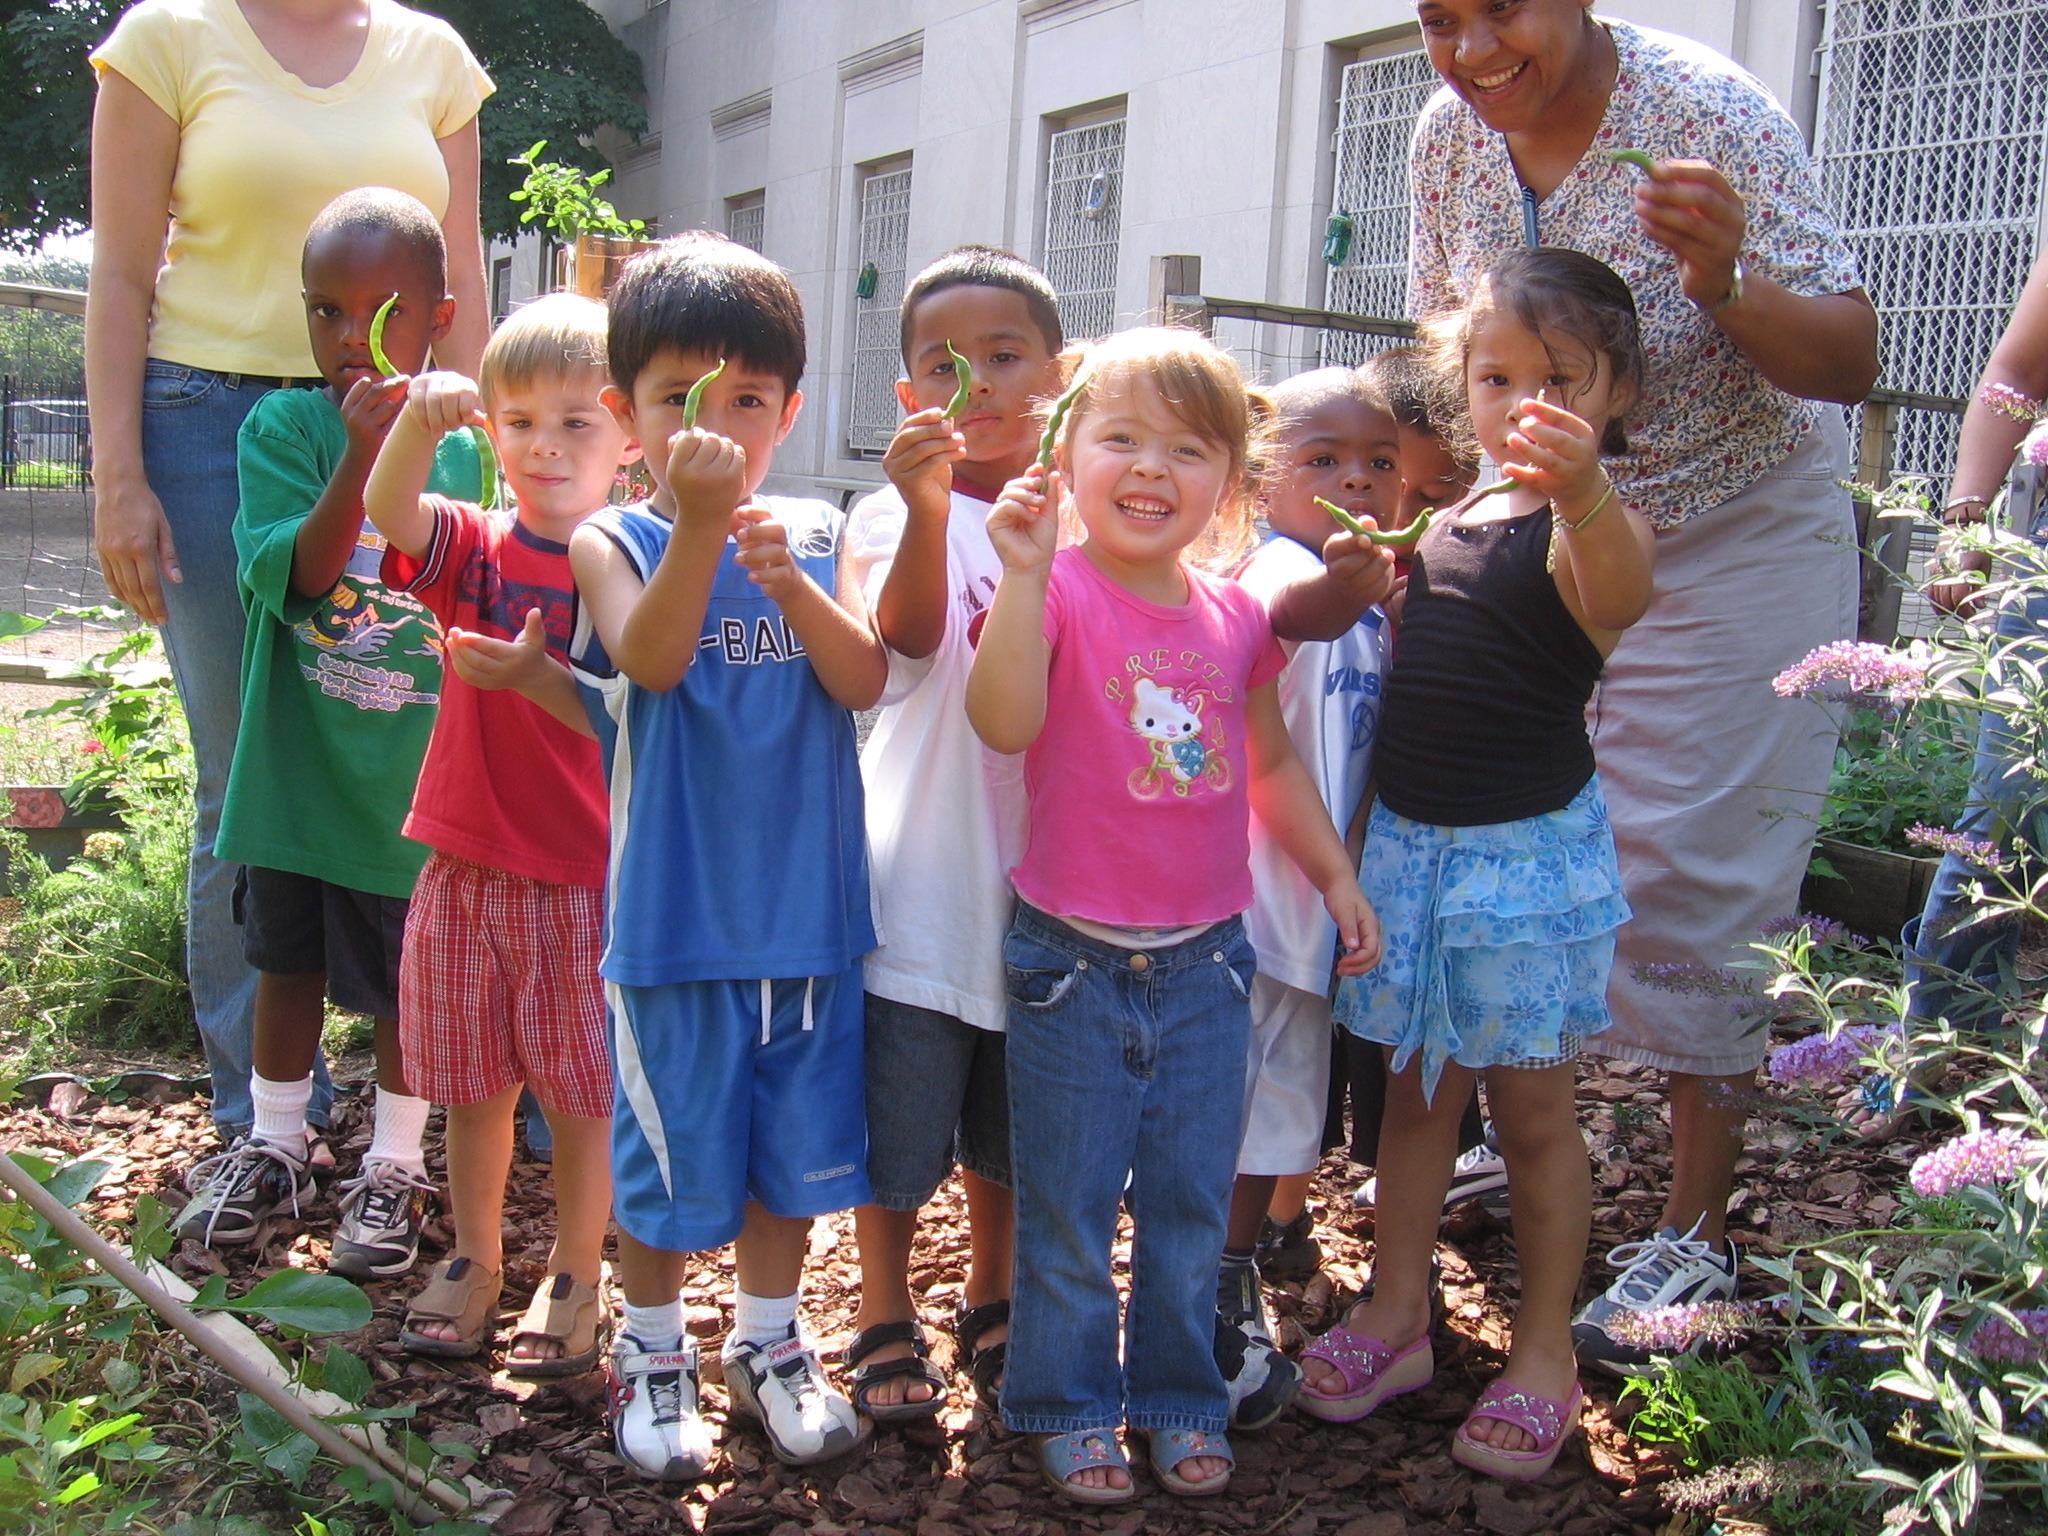 cen_prek_kids&beans1_06.05.JPG